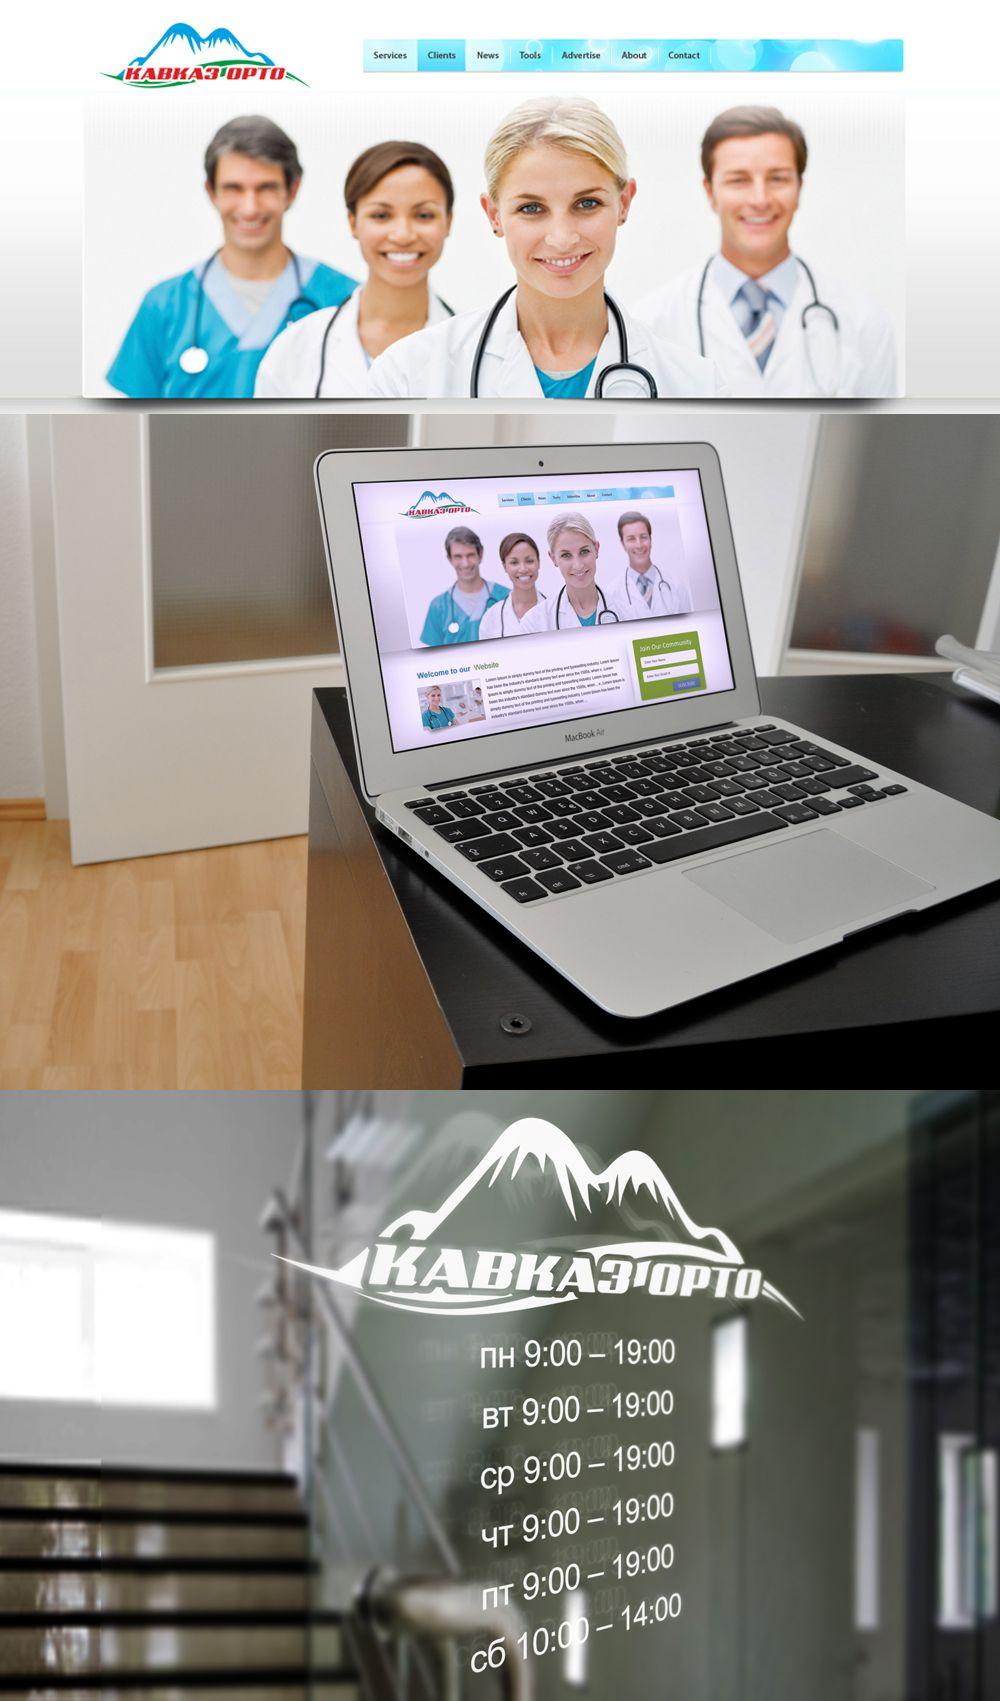 Логотип для ортопедического салона - дизайнер Upright